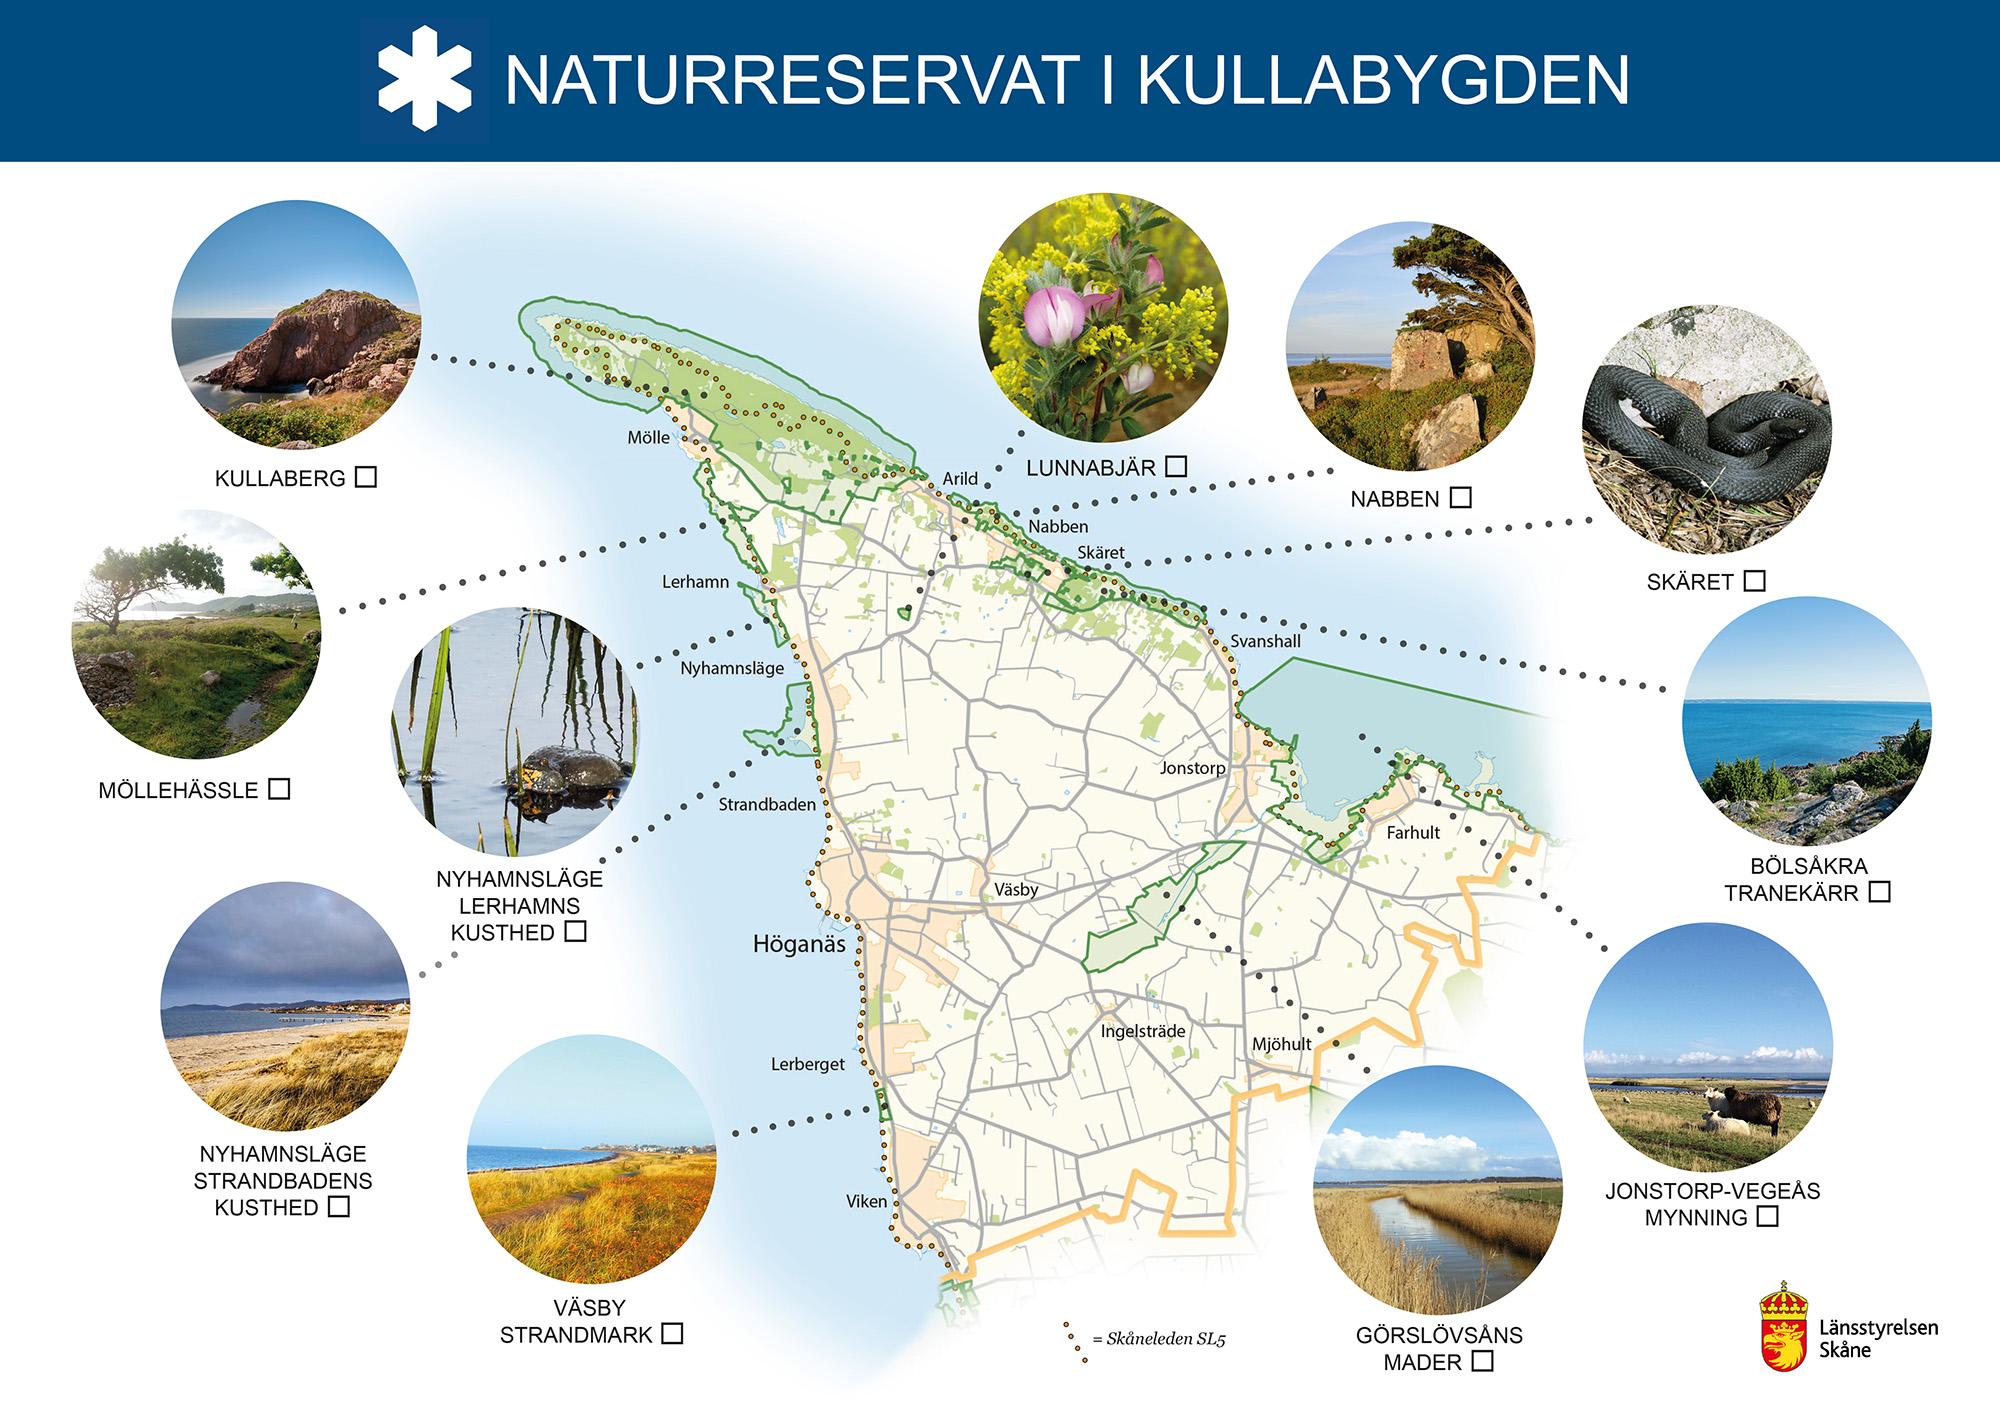 Naturreservaten i Kullabygden